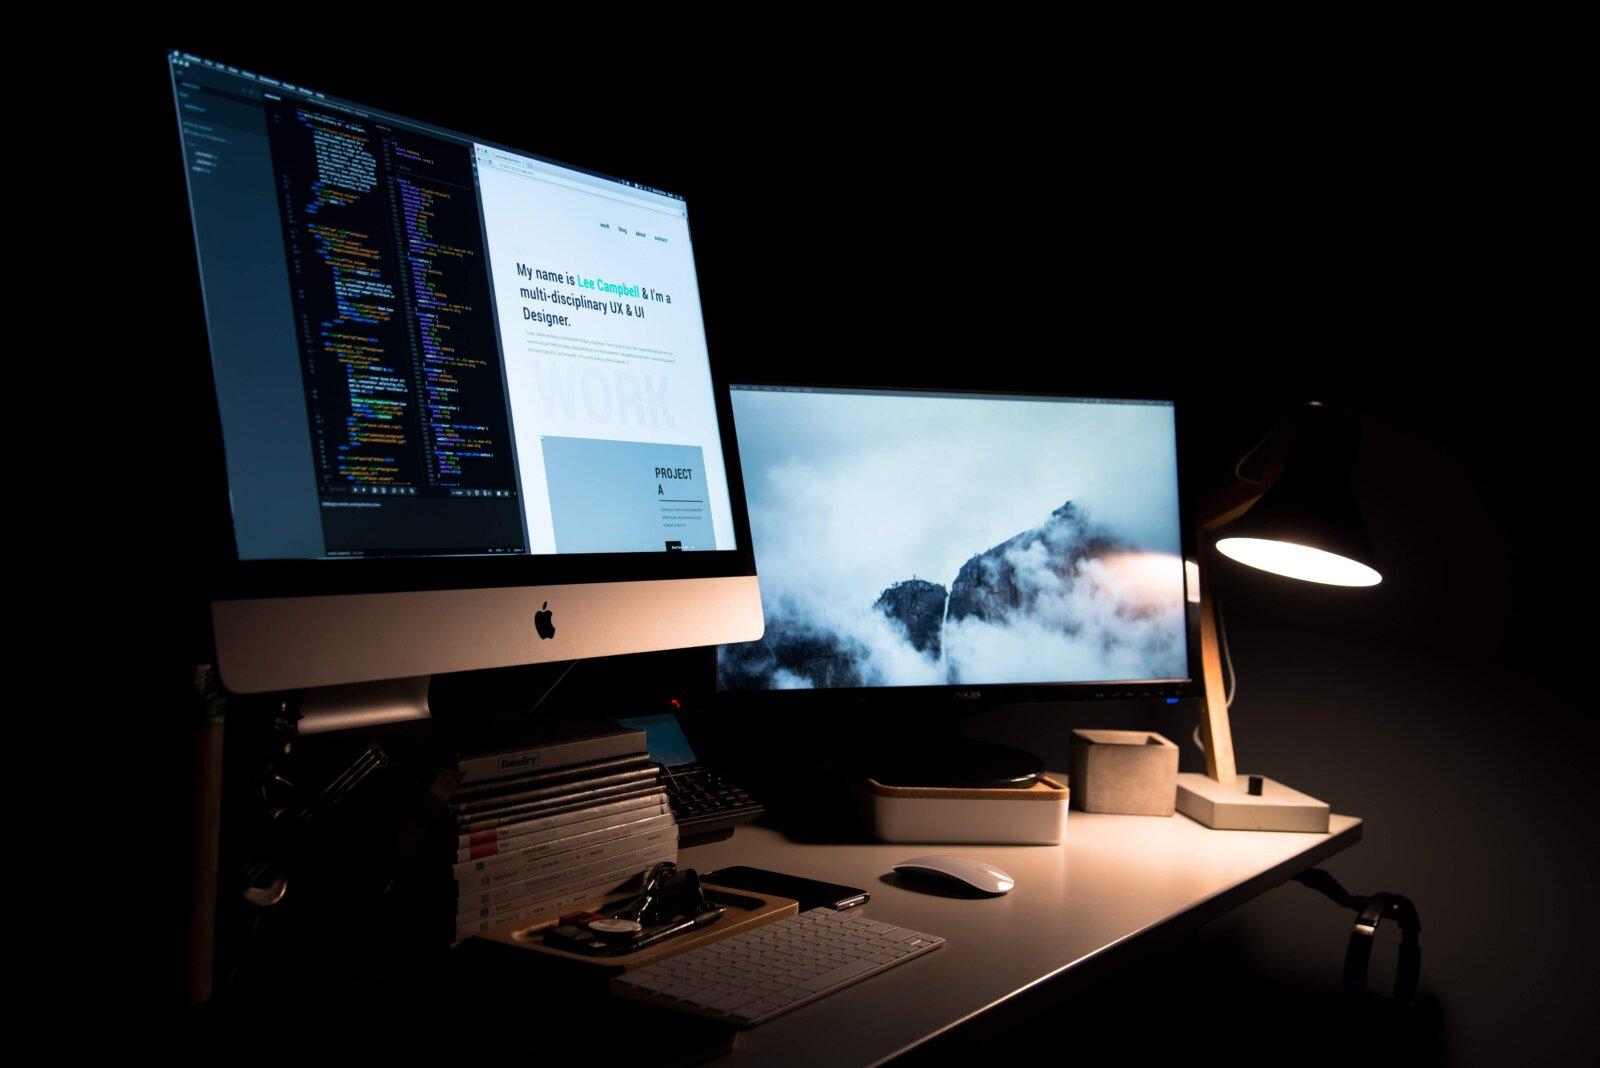 Заработок на копирайтинге: способы + советы